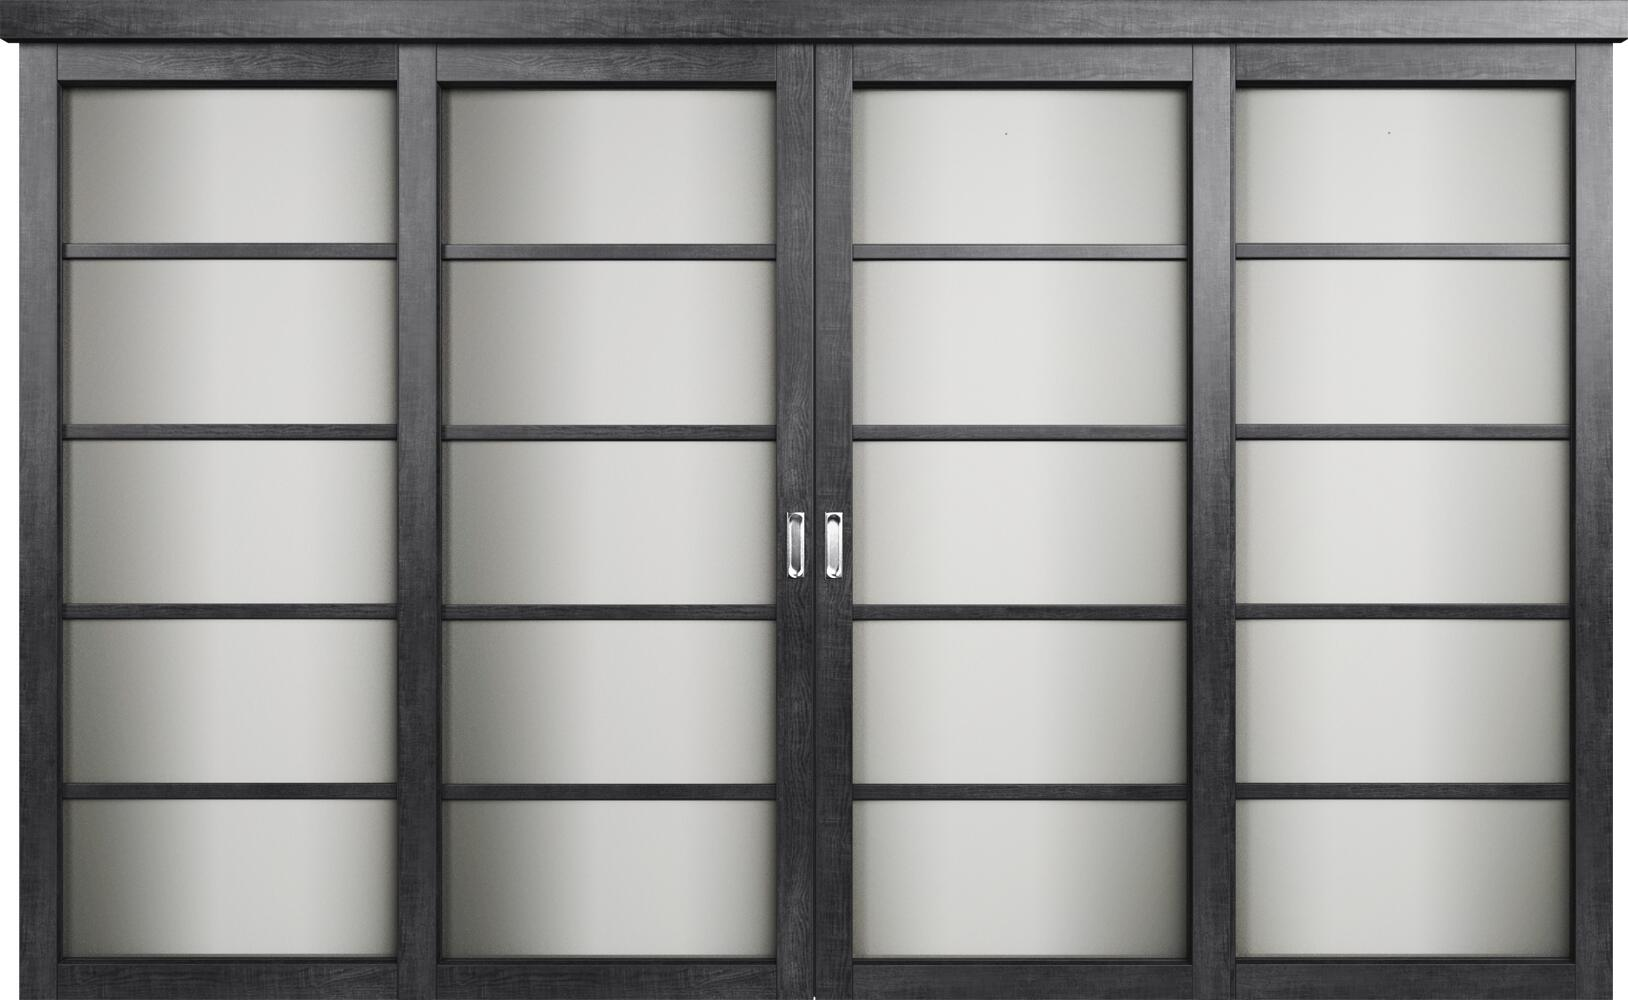 Коллекция Перегородки Двухполосная раздвижная система для 4-х полотен. Тип 1 Венге пепельный + Сатинато белое